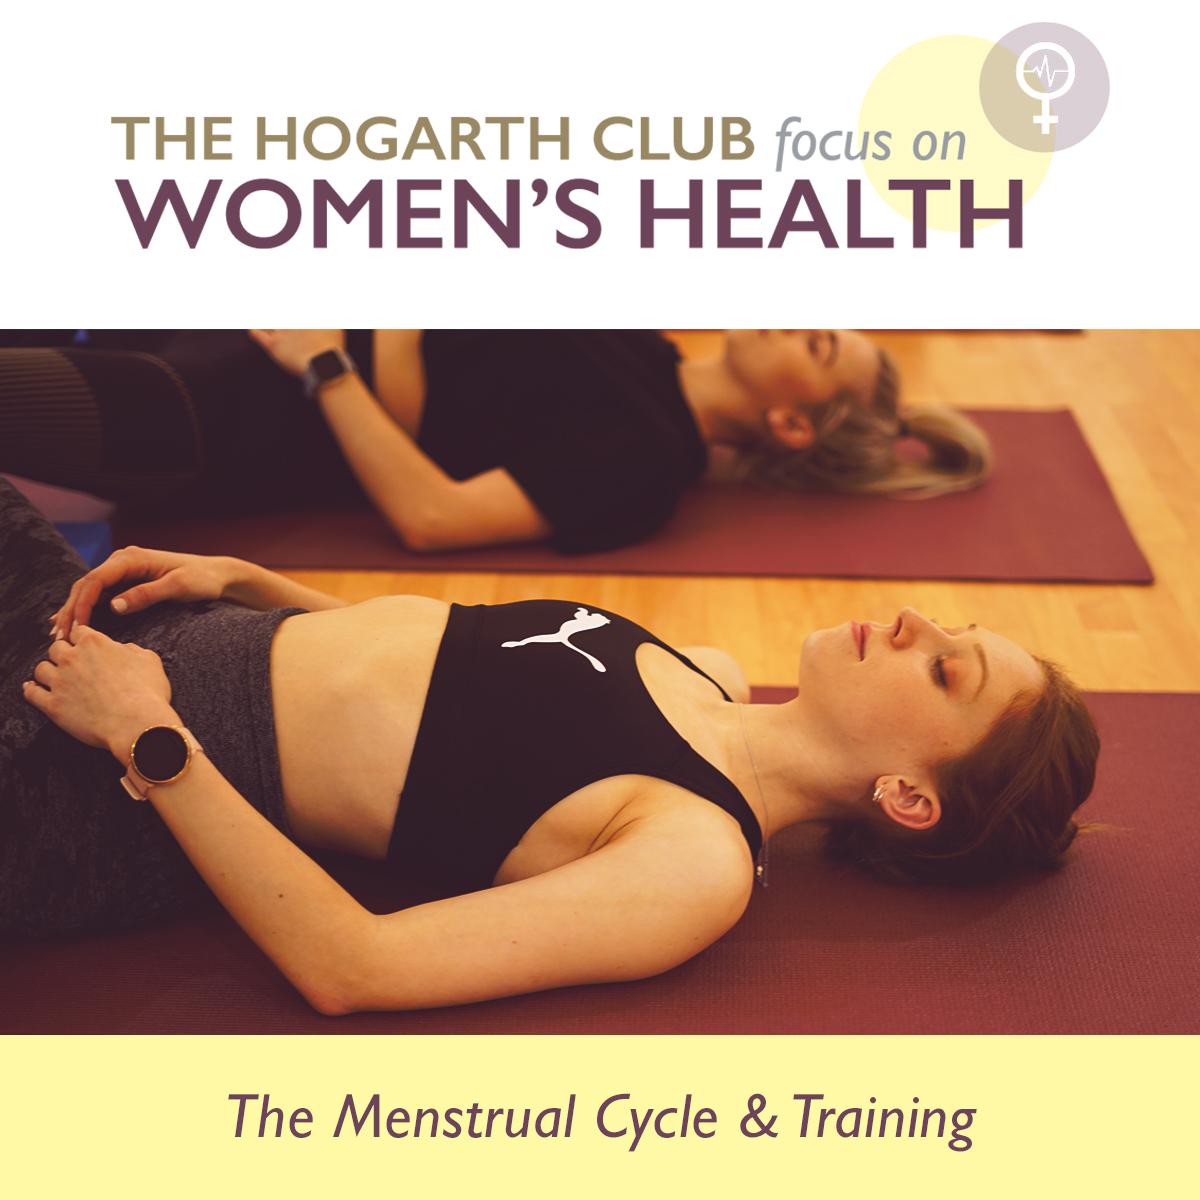 Menstrual cycle social